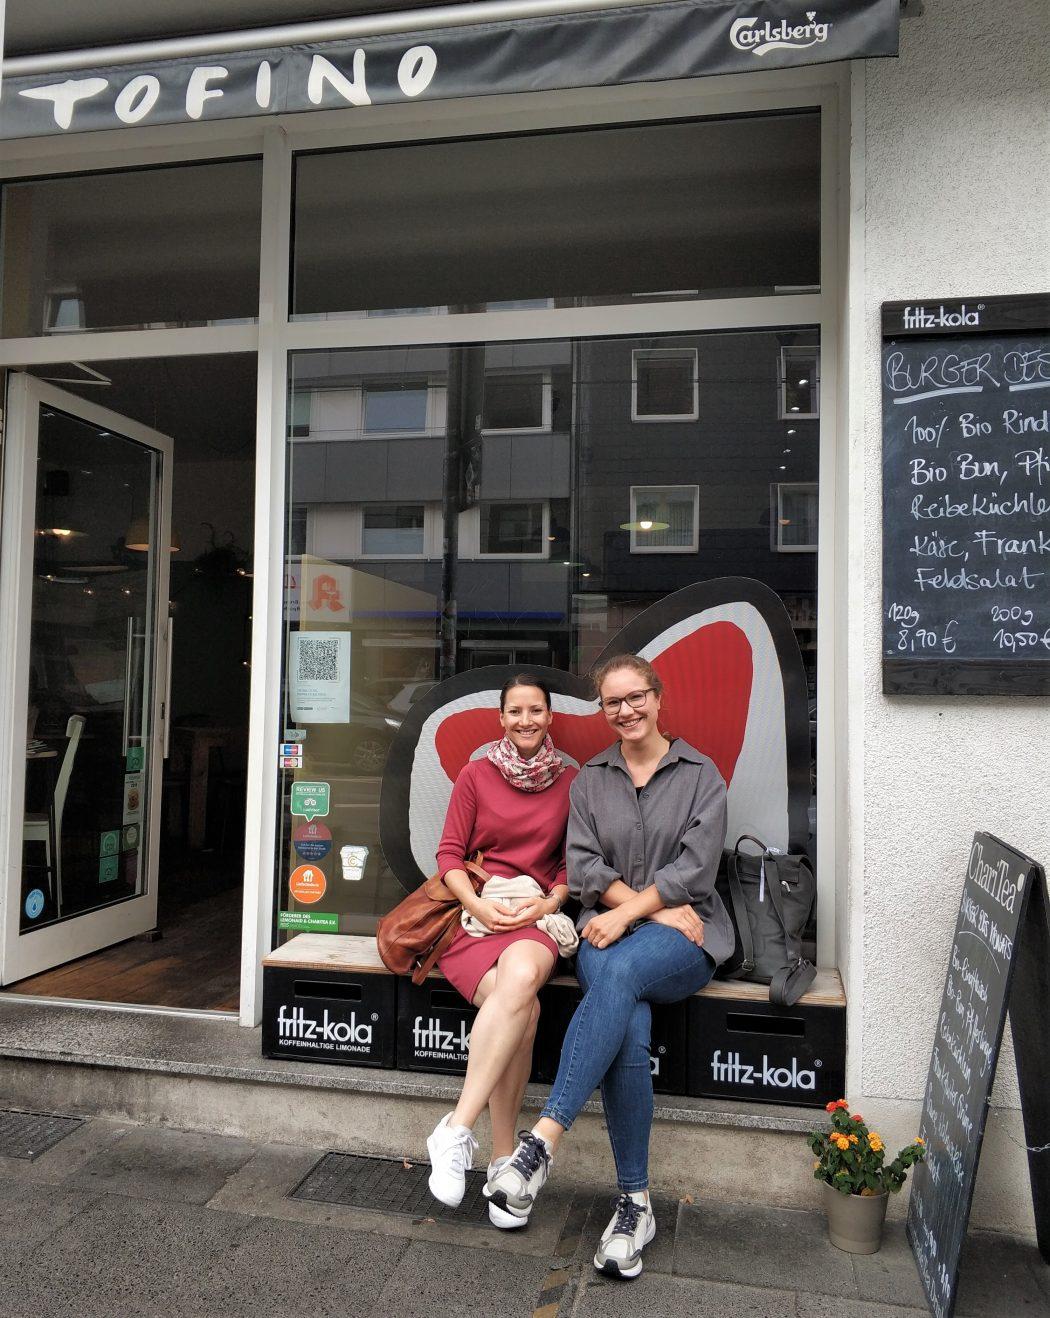 Das Foto zeigt Laura und Christin vorm Tofino in Essen